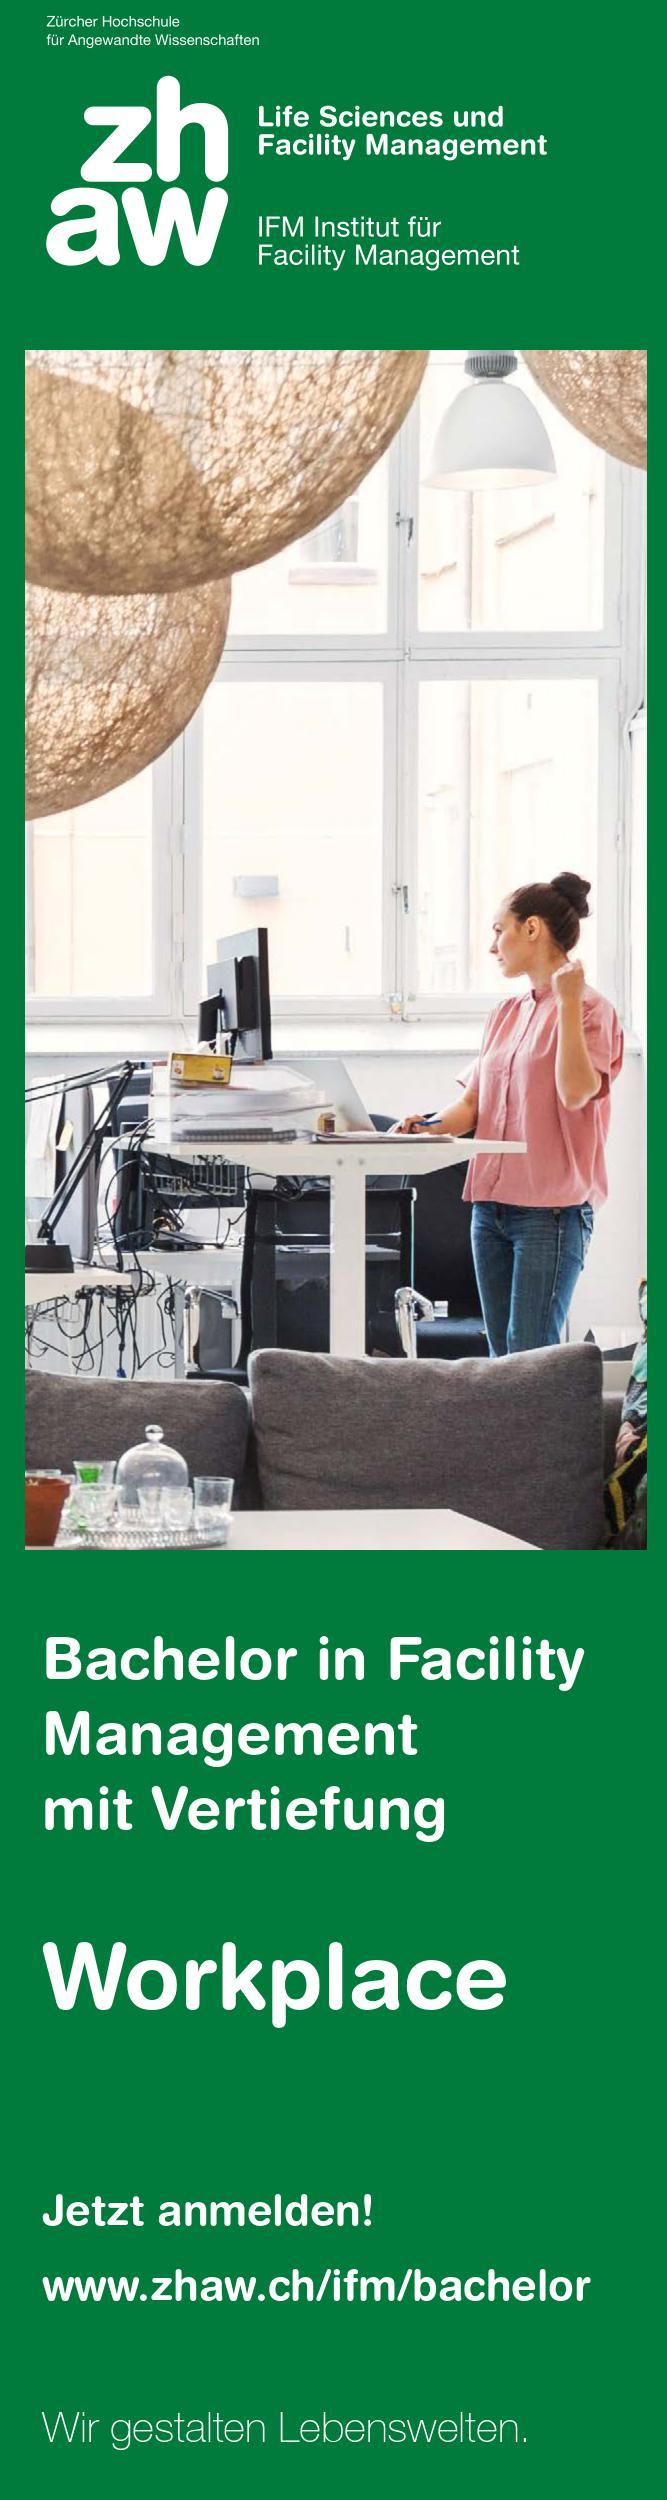 ZHAW Zürcher Hochschule für Angewandte Wissenschaften Life Sciences und Facility Management  Frau Annette Steiner  IFM Institut für Facility Management Seestrasse 55/Grüental Postfach 335 8820 Wädenswil